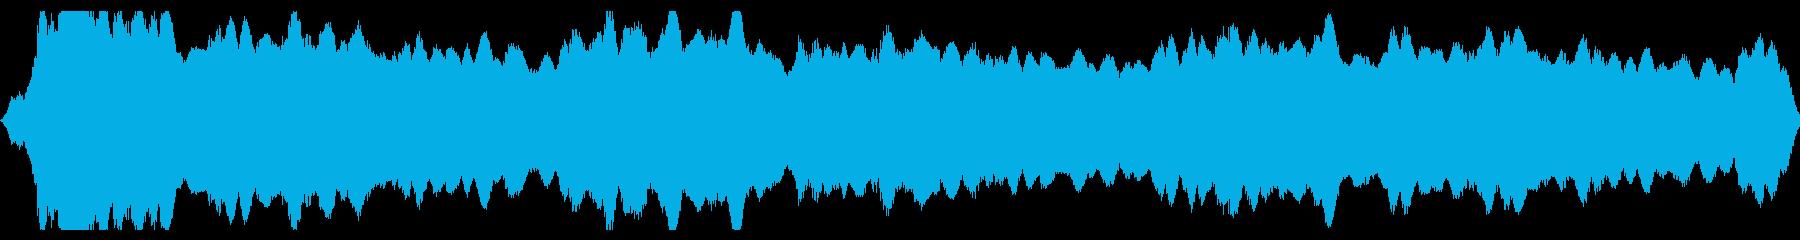 ワイヤー、金属、パルス; DIGI...の再生済みの波形